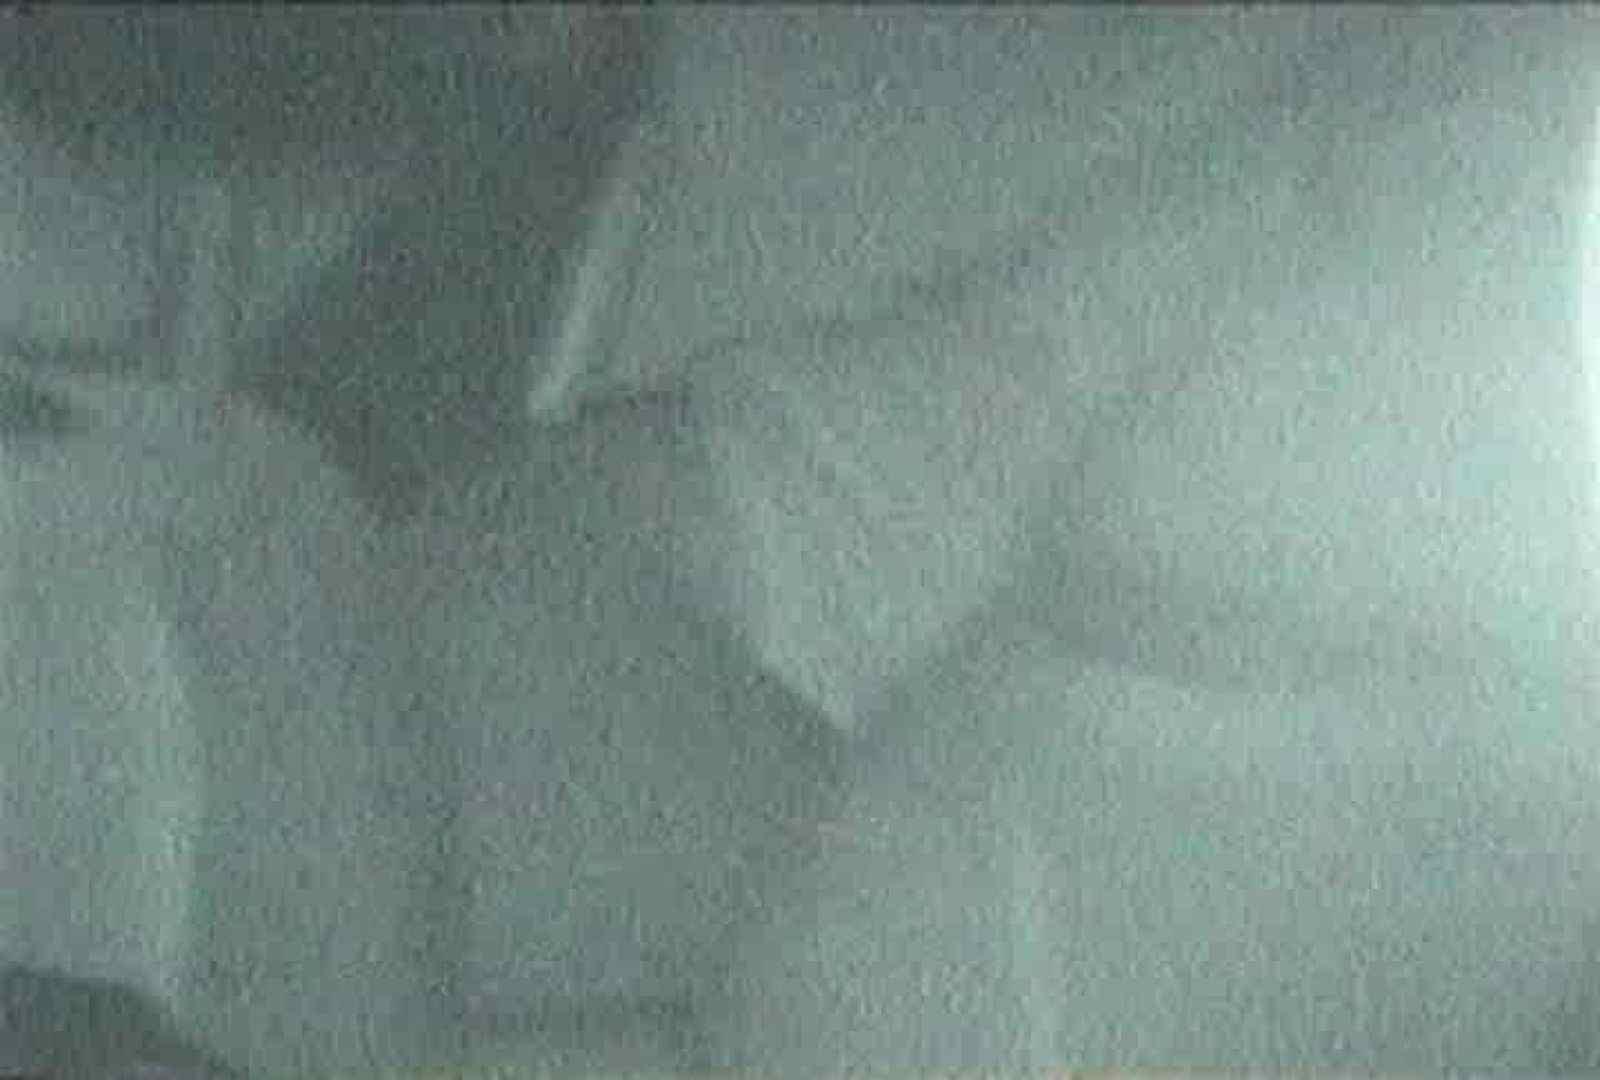 充血監督の深夜の運動会Vol.99 カップル エロ画像 80pic 67